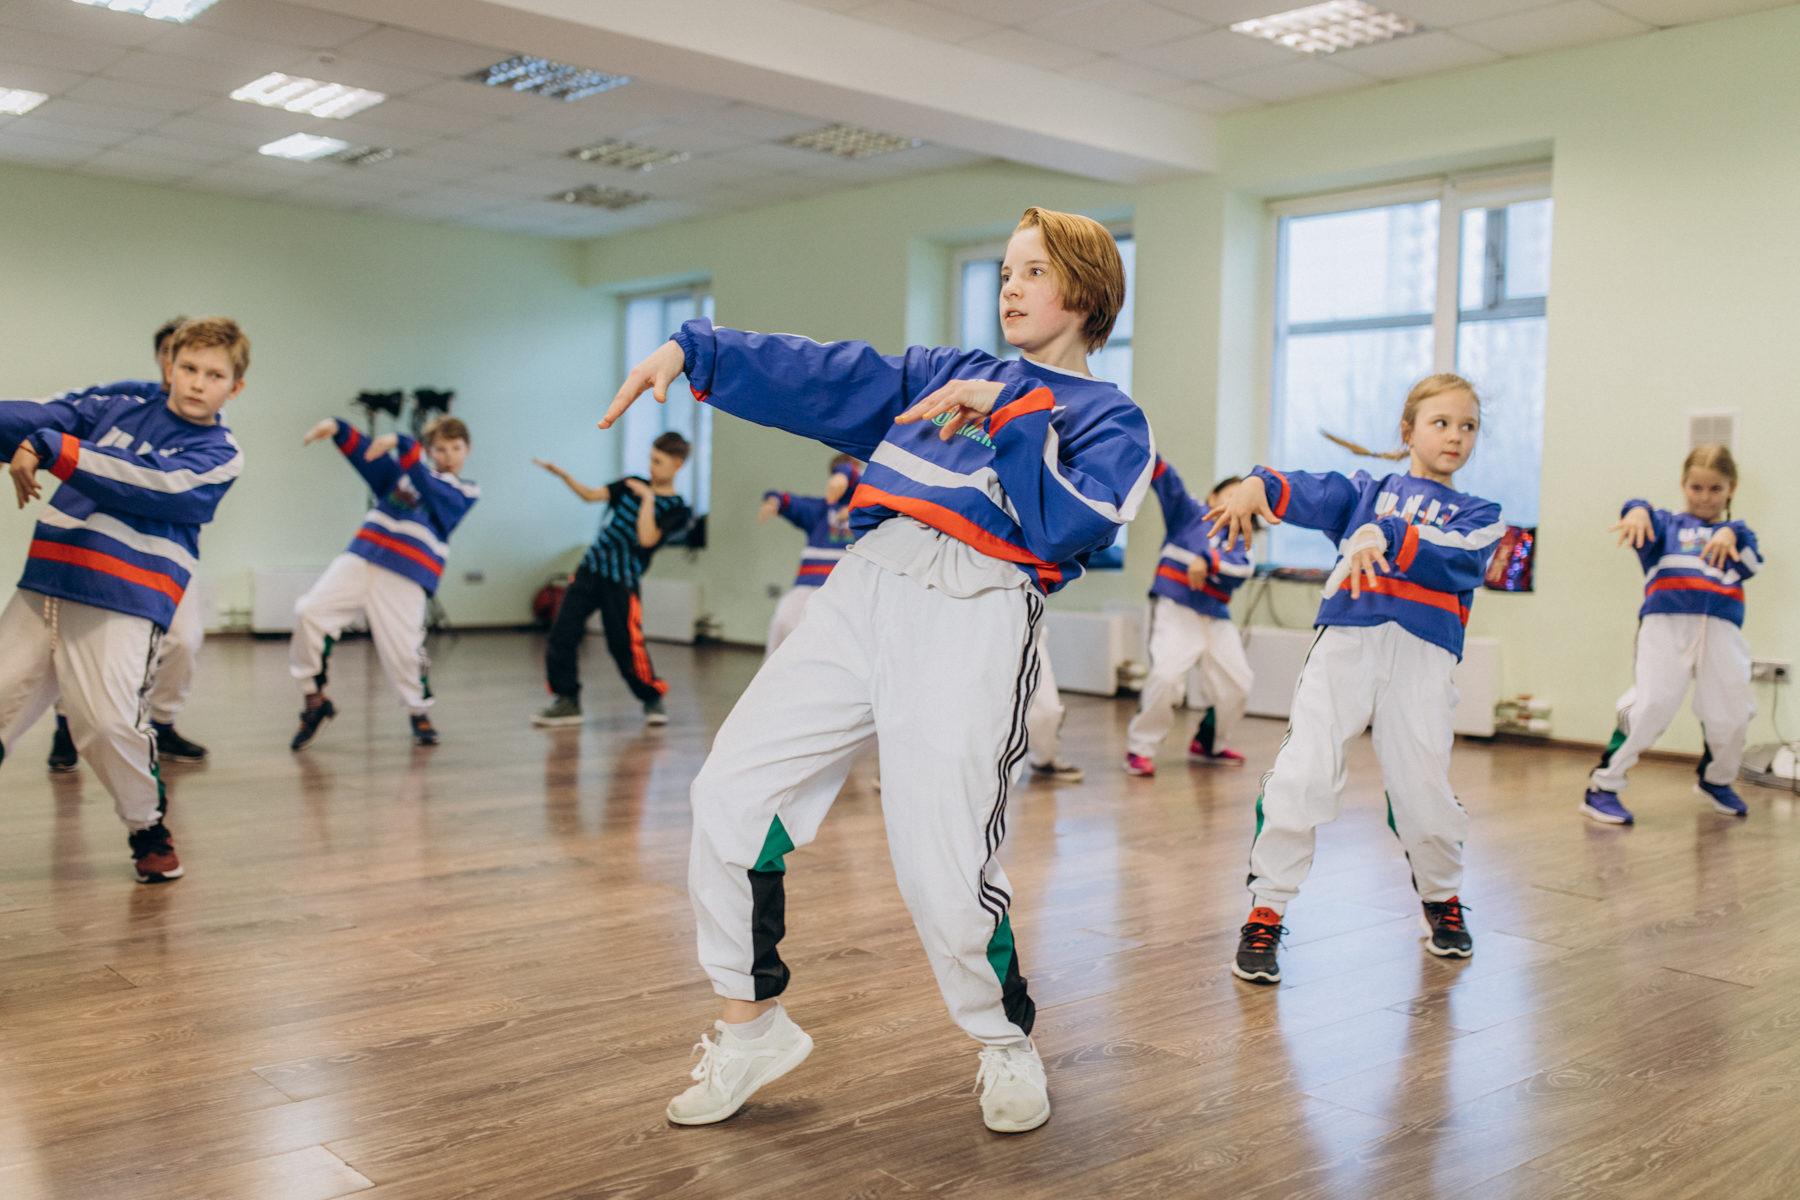 Программа «Летняя творческая резиденция. Танец» (17-28 августа 2020) – события на сайте «Московские Сезоны»